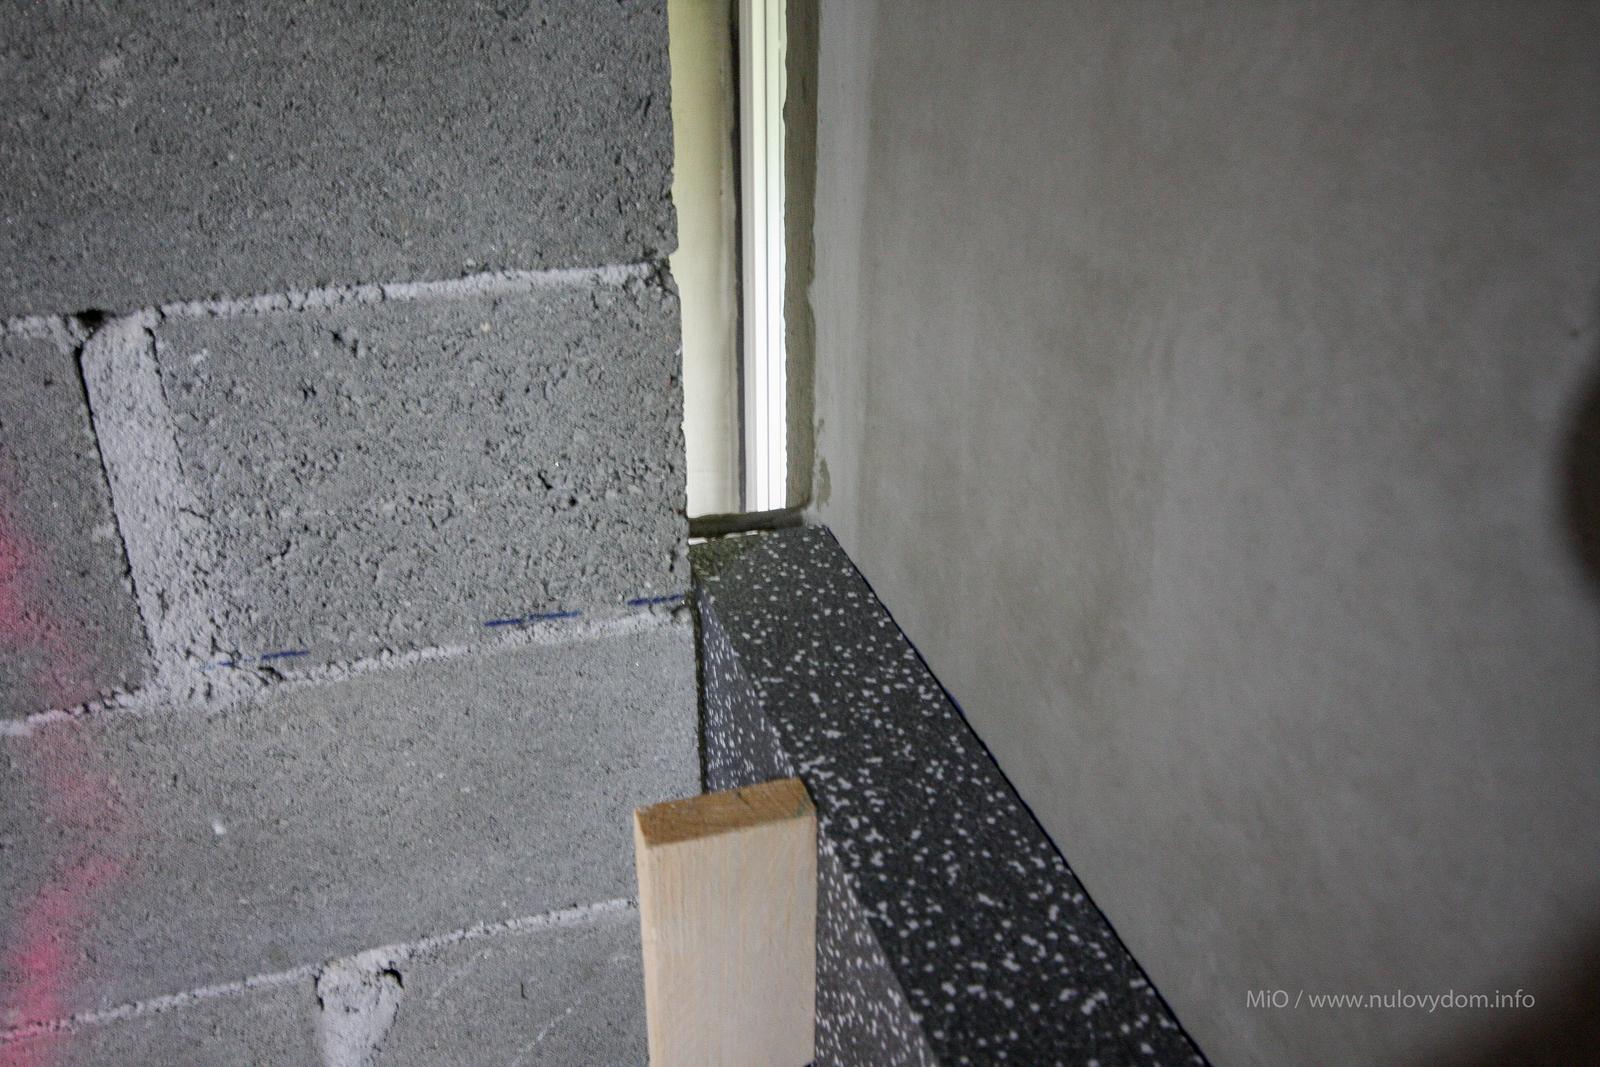 Nulový dom, dom bez komína... Som UFO? - detail... cize priestor medzi prieckami a obvodovym murivom je odizolovany... ;-)  10cm